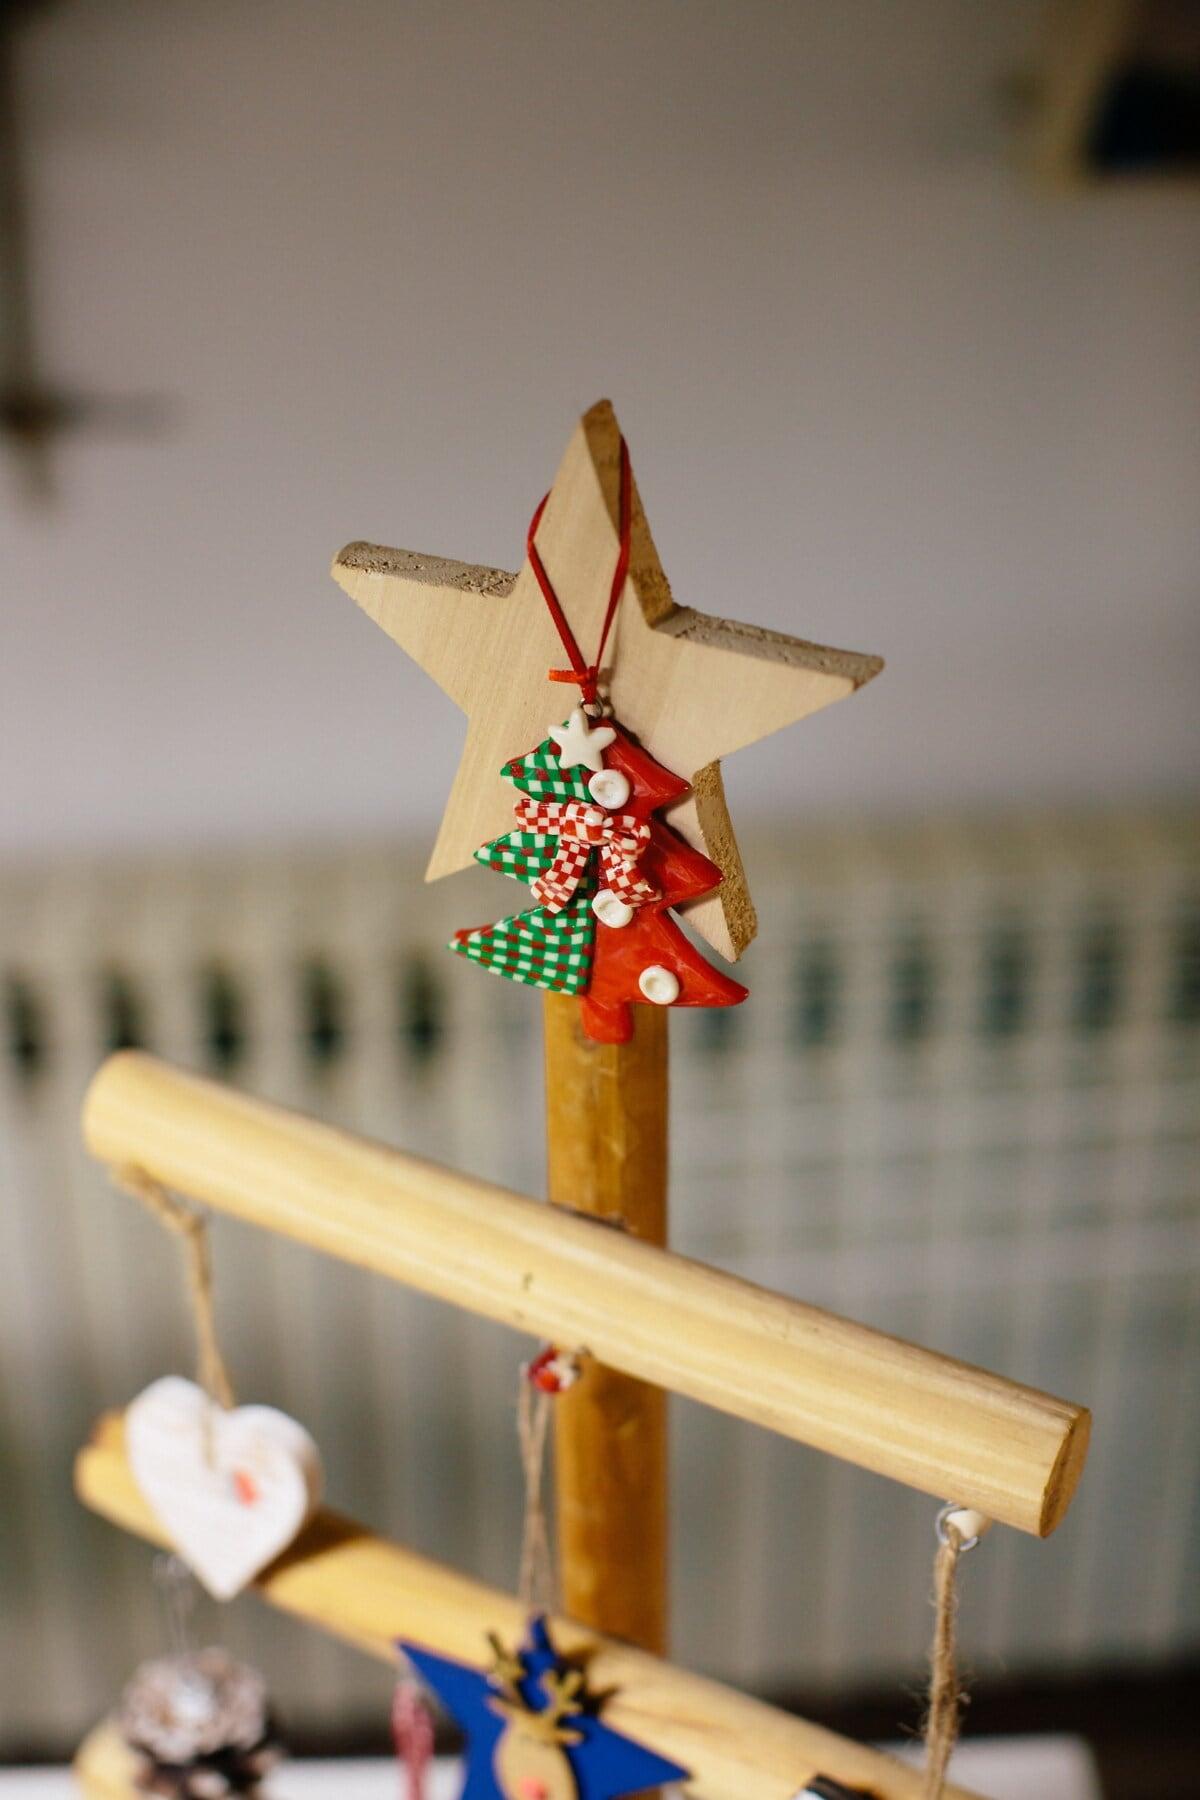 aus Holz, Sterne, Spielzeug, Weihnachtsbaum, Weihnachten, Holz, drinnen, traditionelle, handgefertigte, hängende